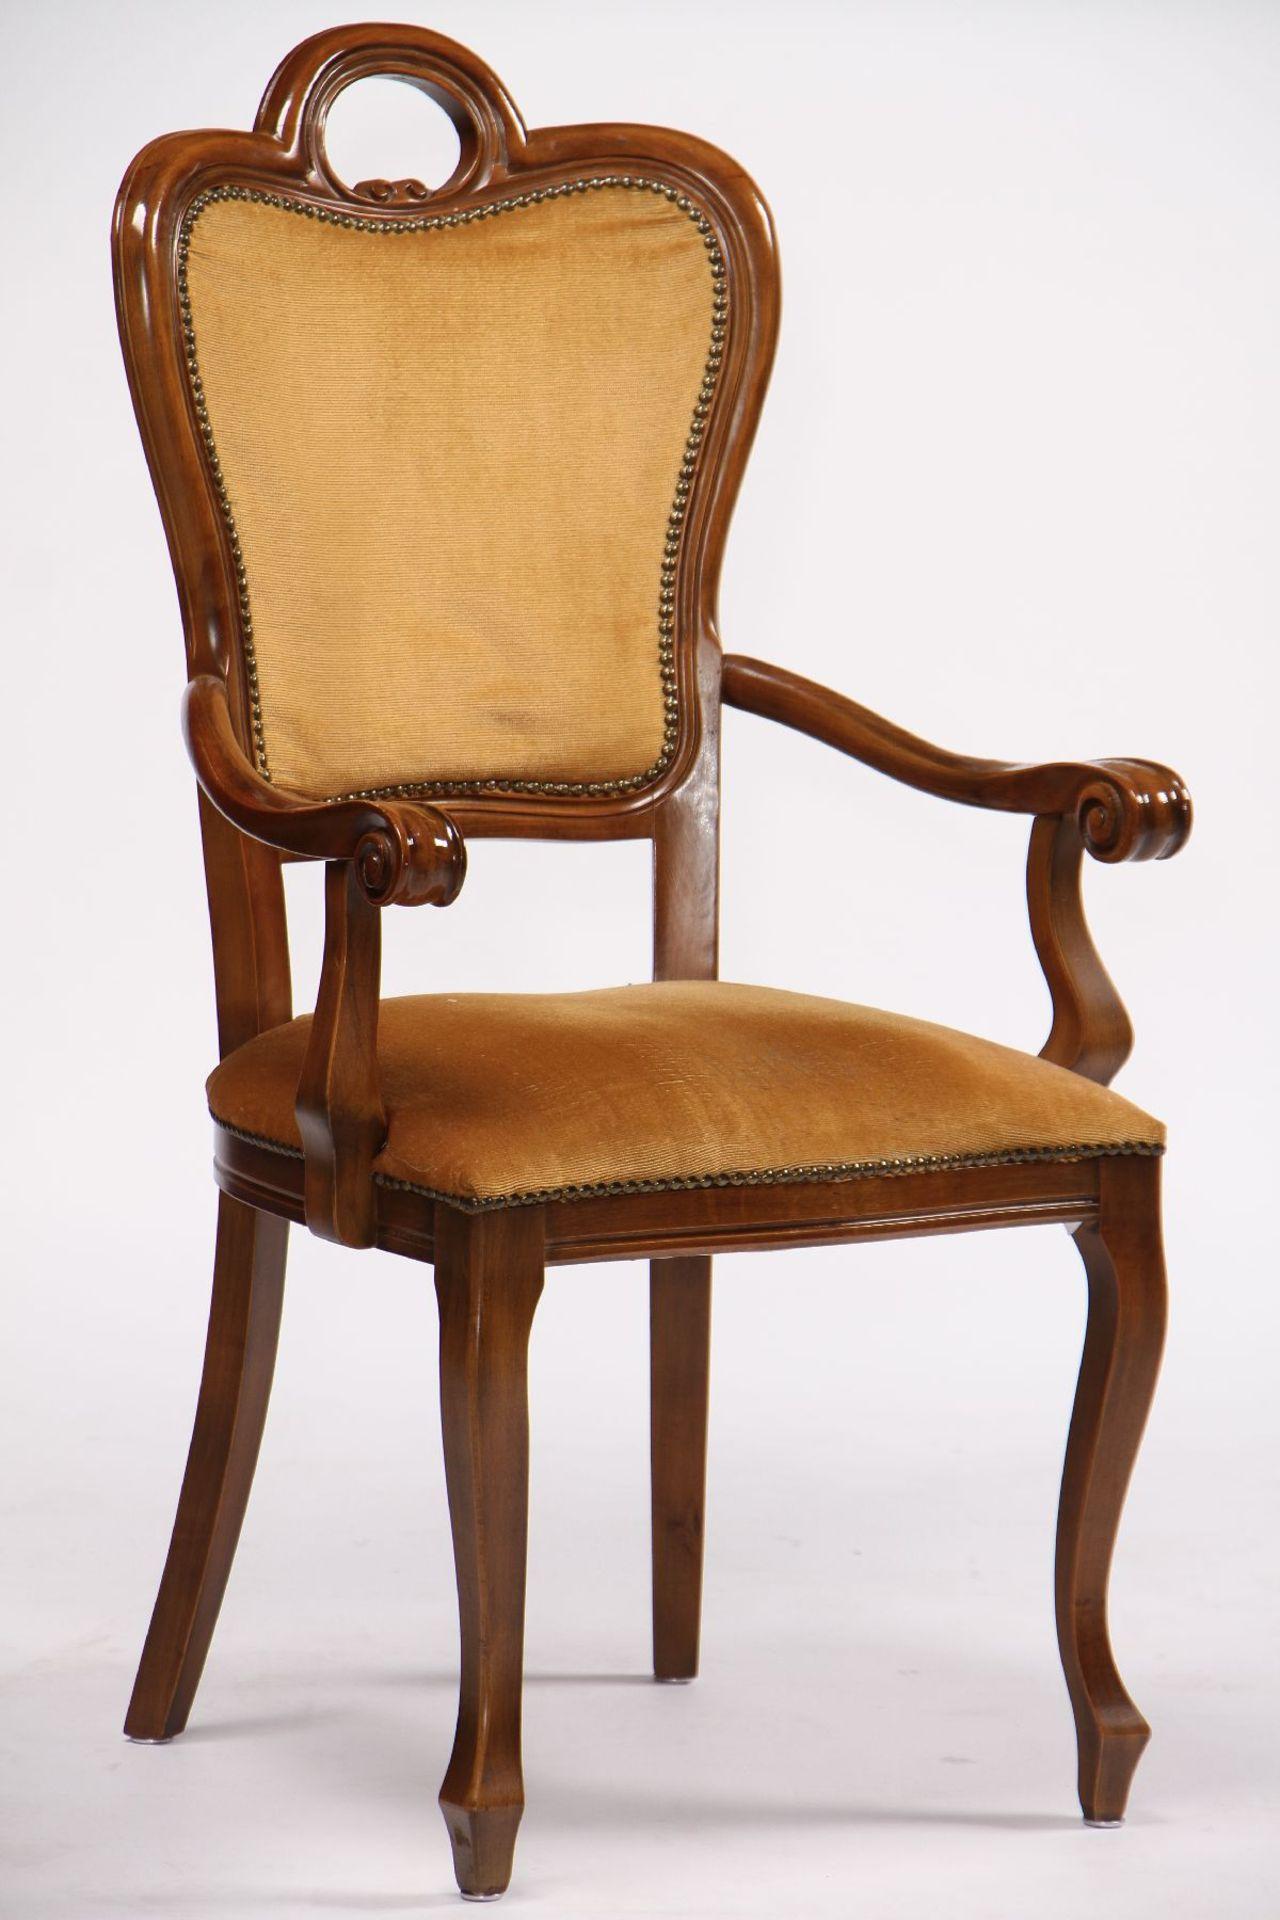 Ovaler Ausziehtisch mit 6 Stühlen, nach ital. Vorbild - Image 5 of 5